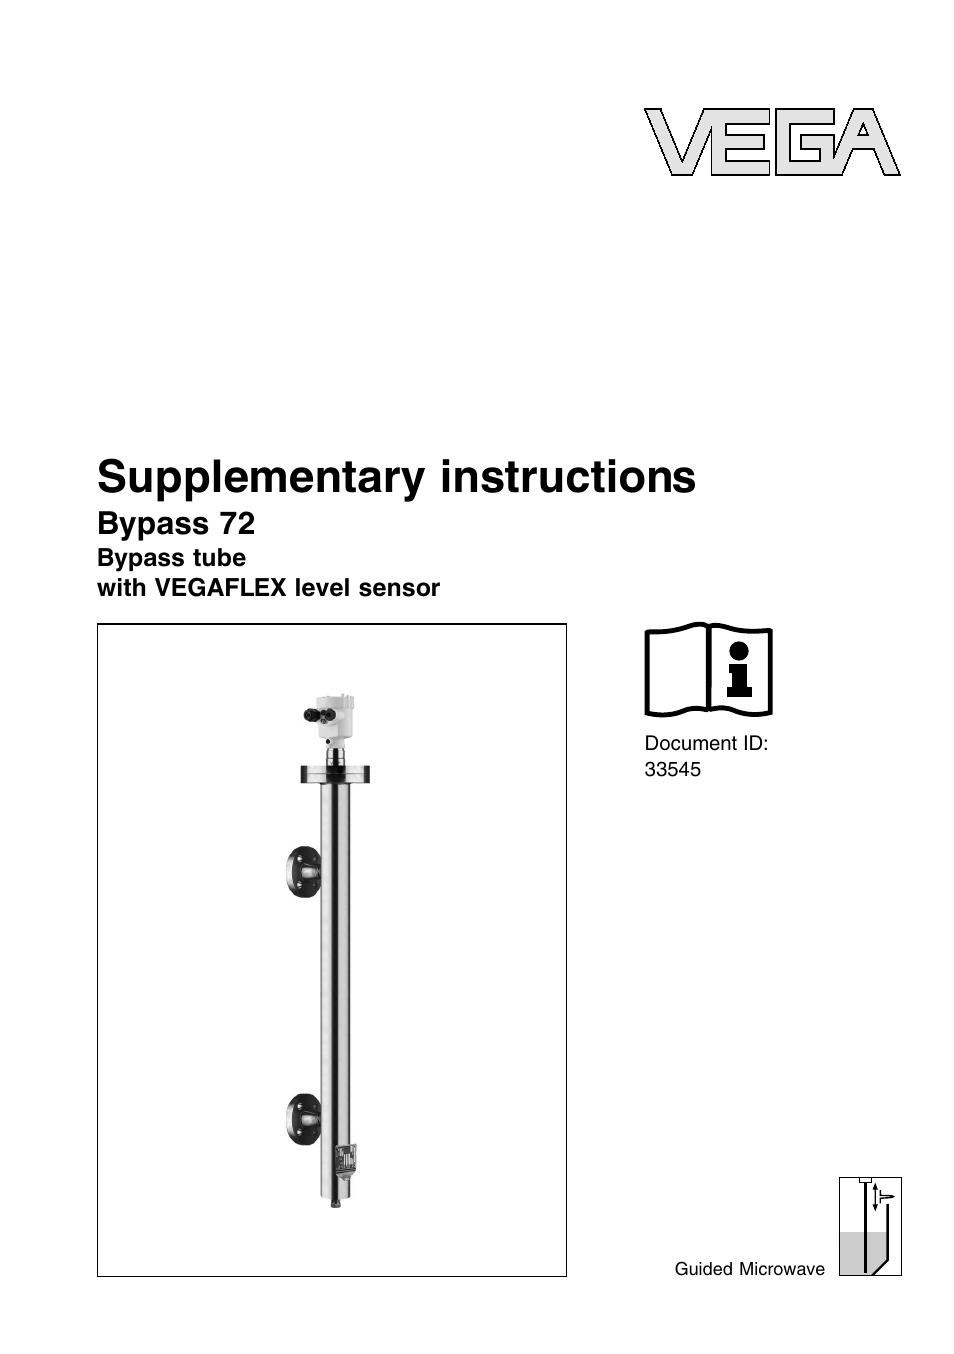 Vega Byp 72 With Vegaflex Level Sensor User Manual 12 Pages